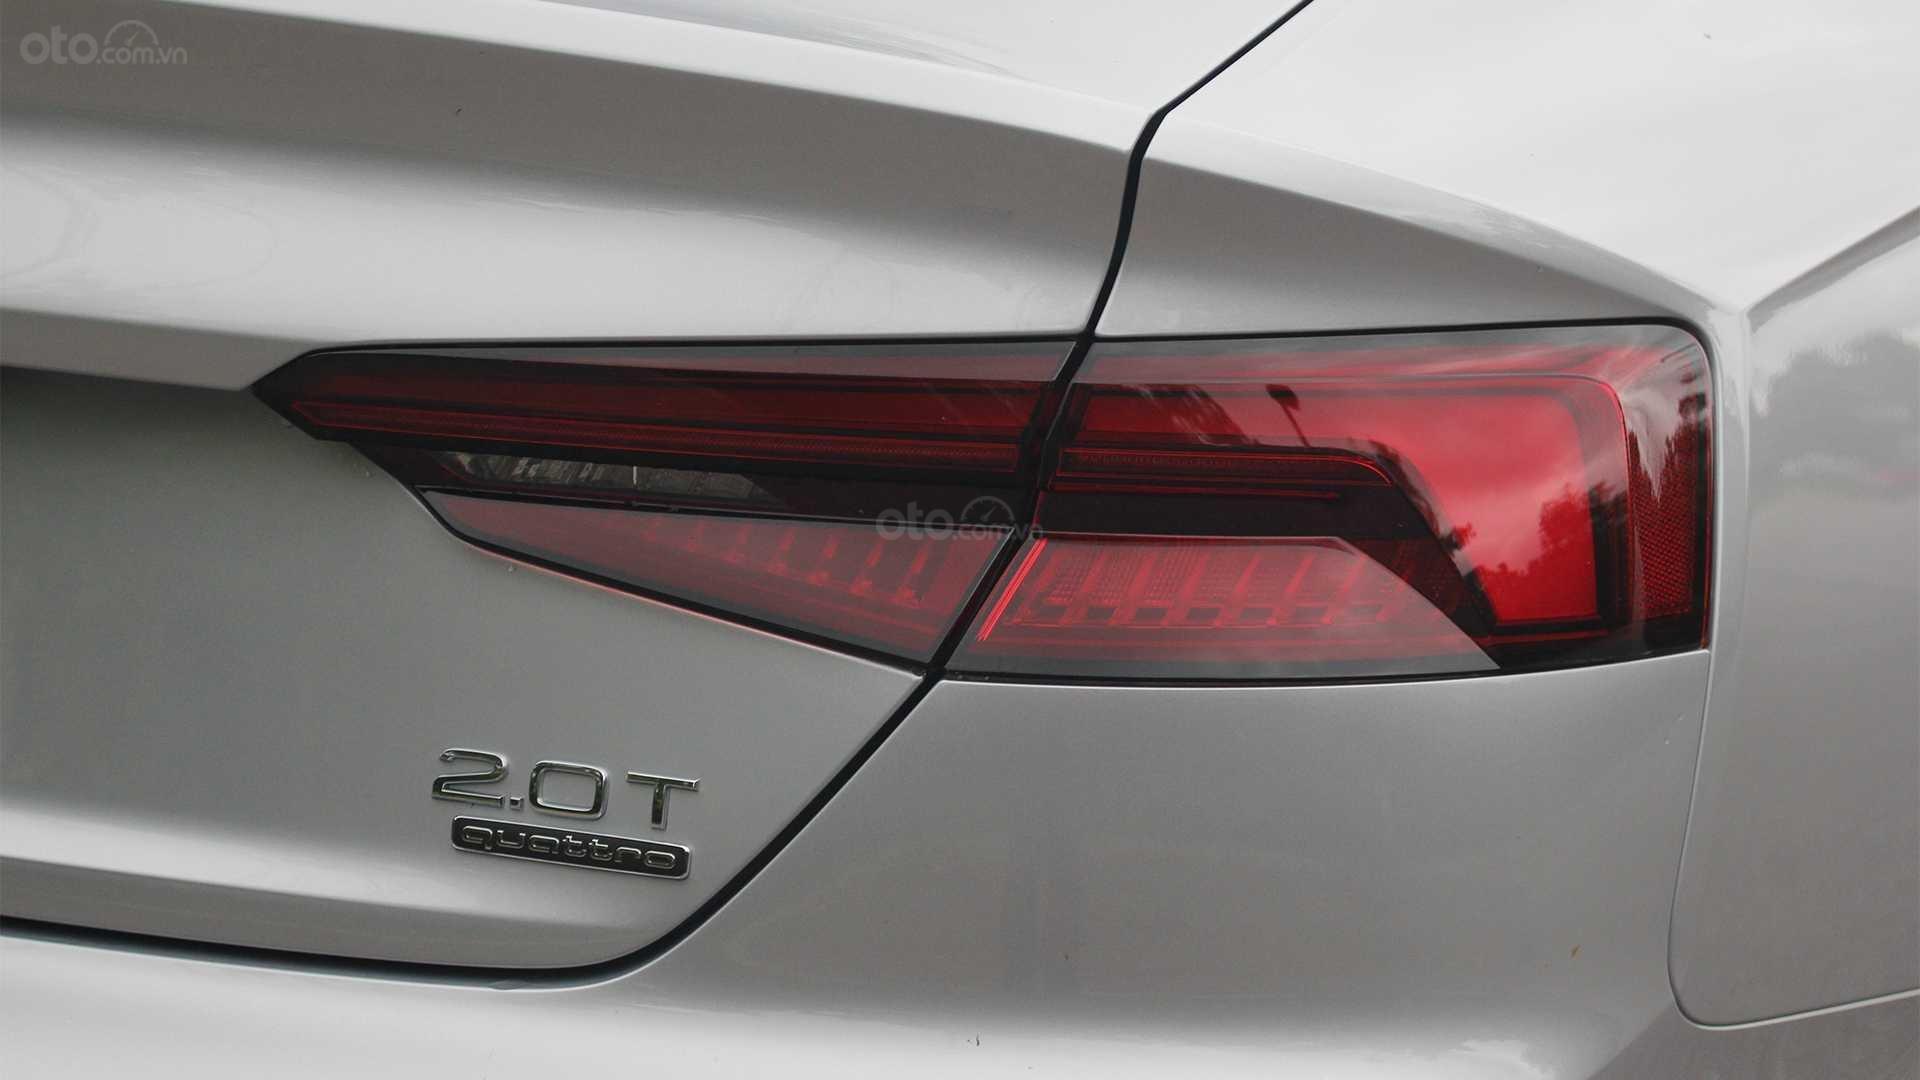 Đánh giá xe Audi A5 2019 - đèn hậu